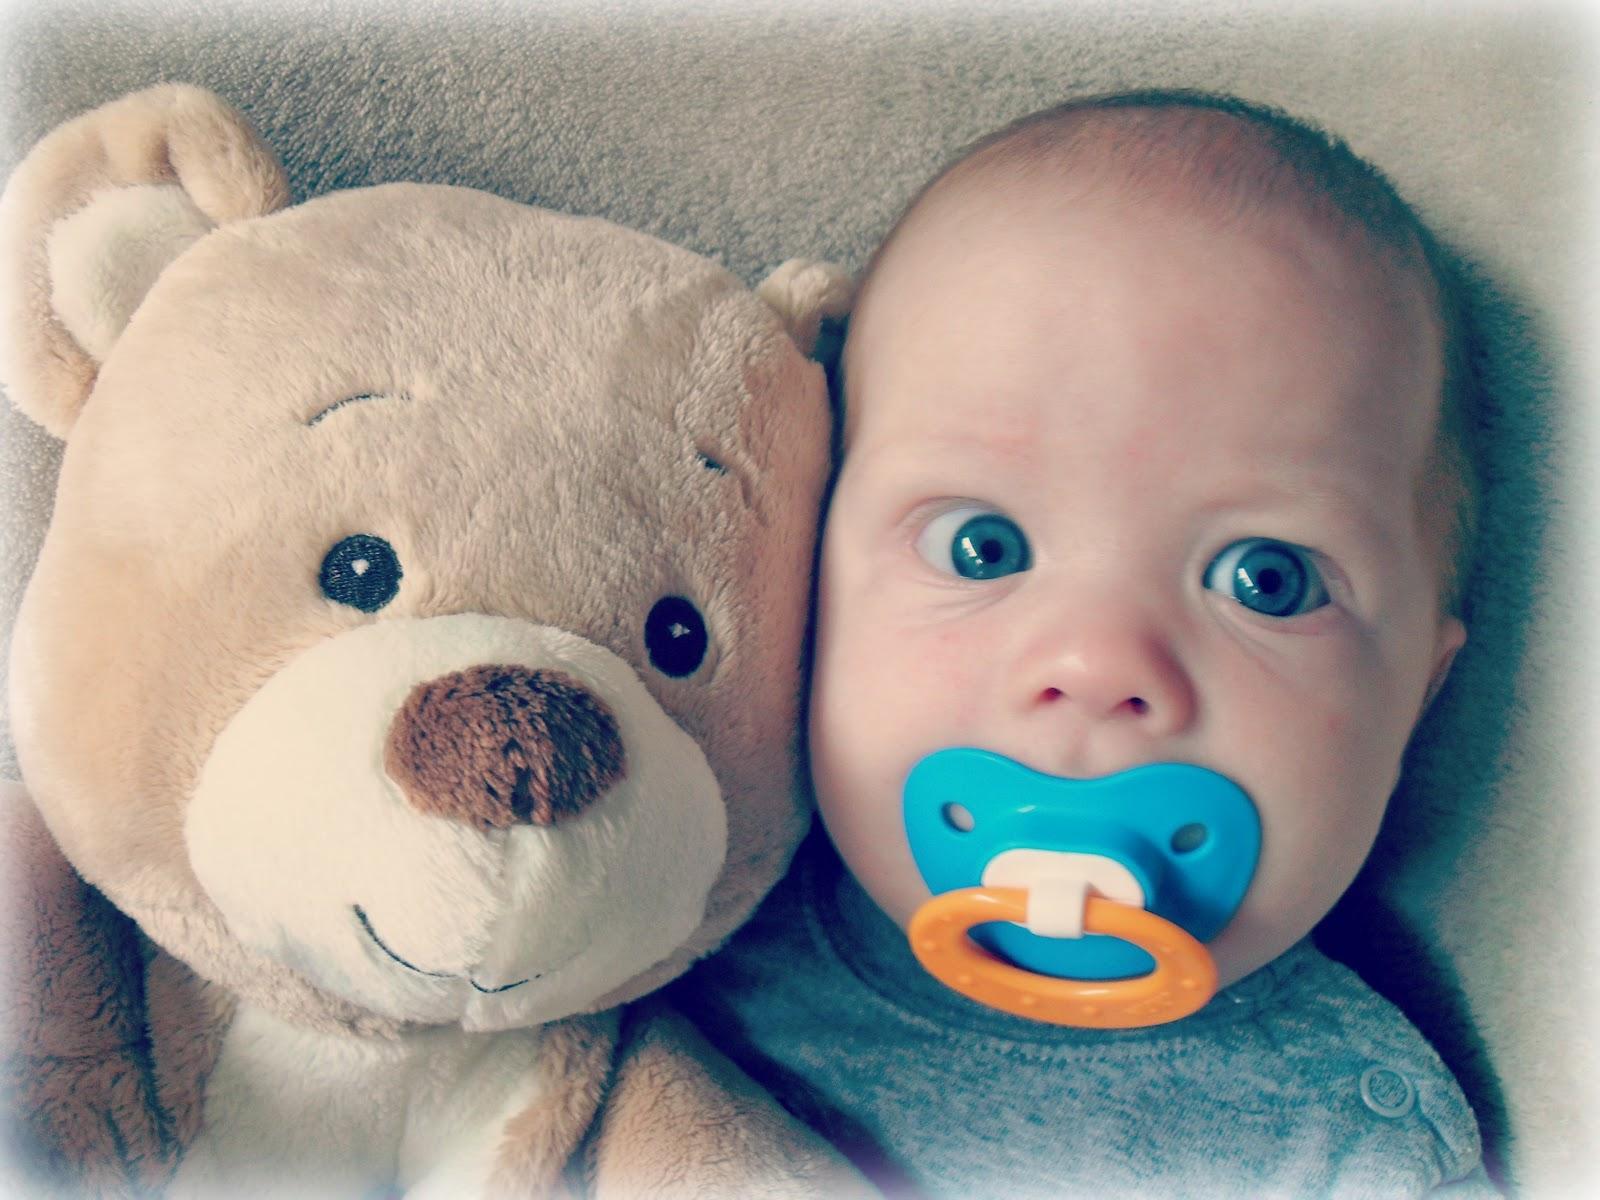 Почему малыш — плачет: 7 действий мамы, которые могут его раздражать